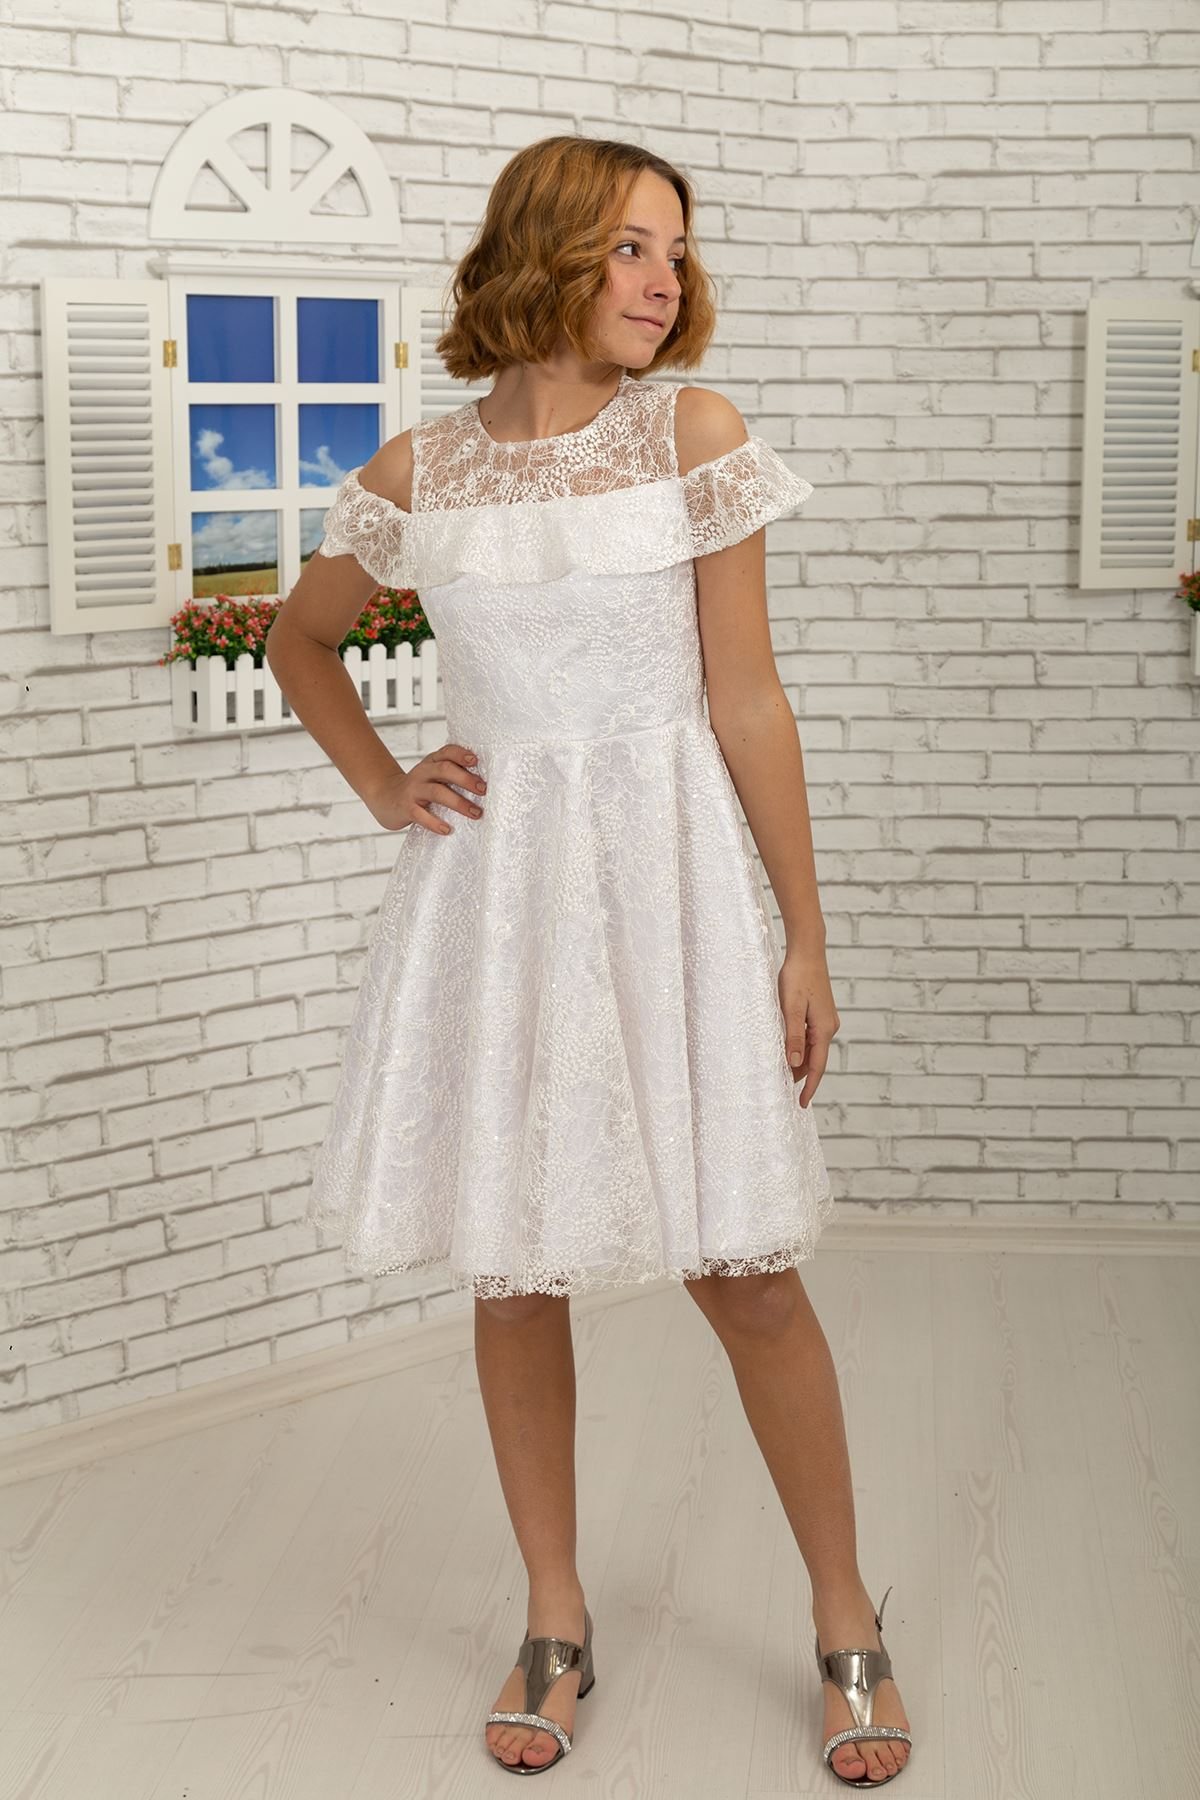 كتف مفصل ، فستان قصير لفتاة المساء 495 عاج